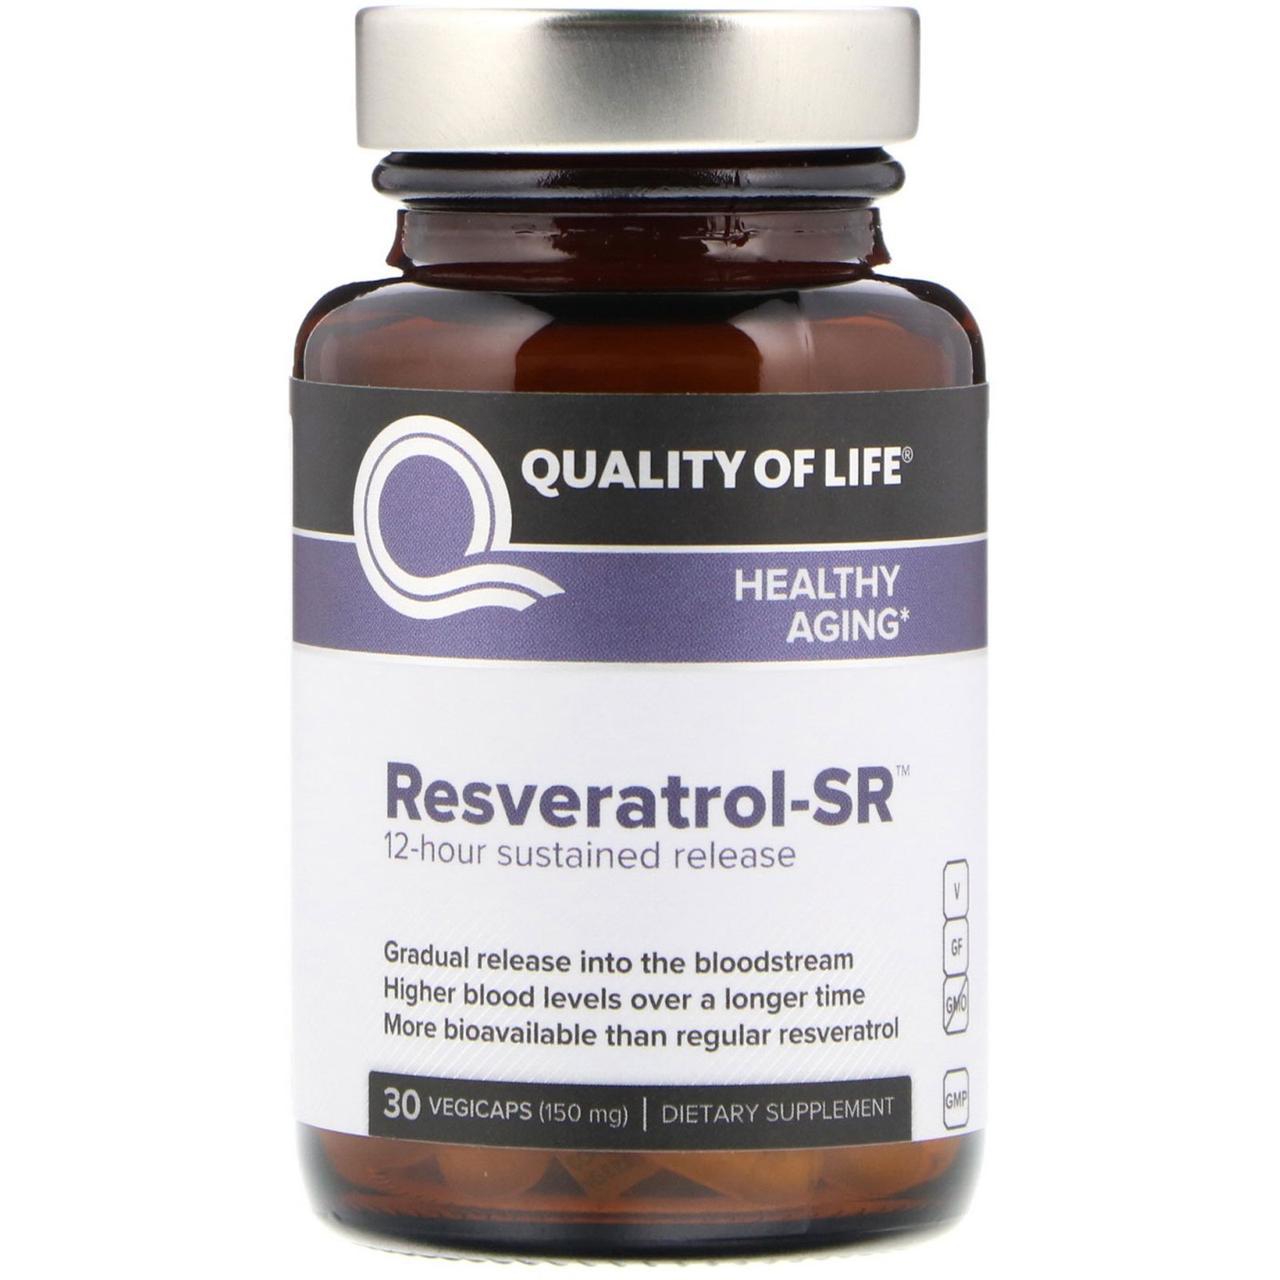 Ресвератрол-SR, Quality of Life Labs, 150 мг, 30 капсул